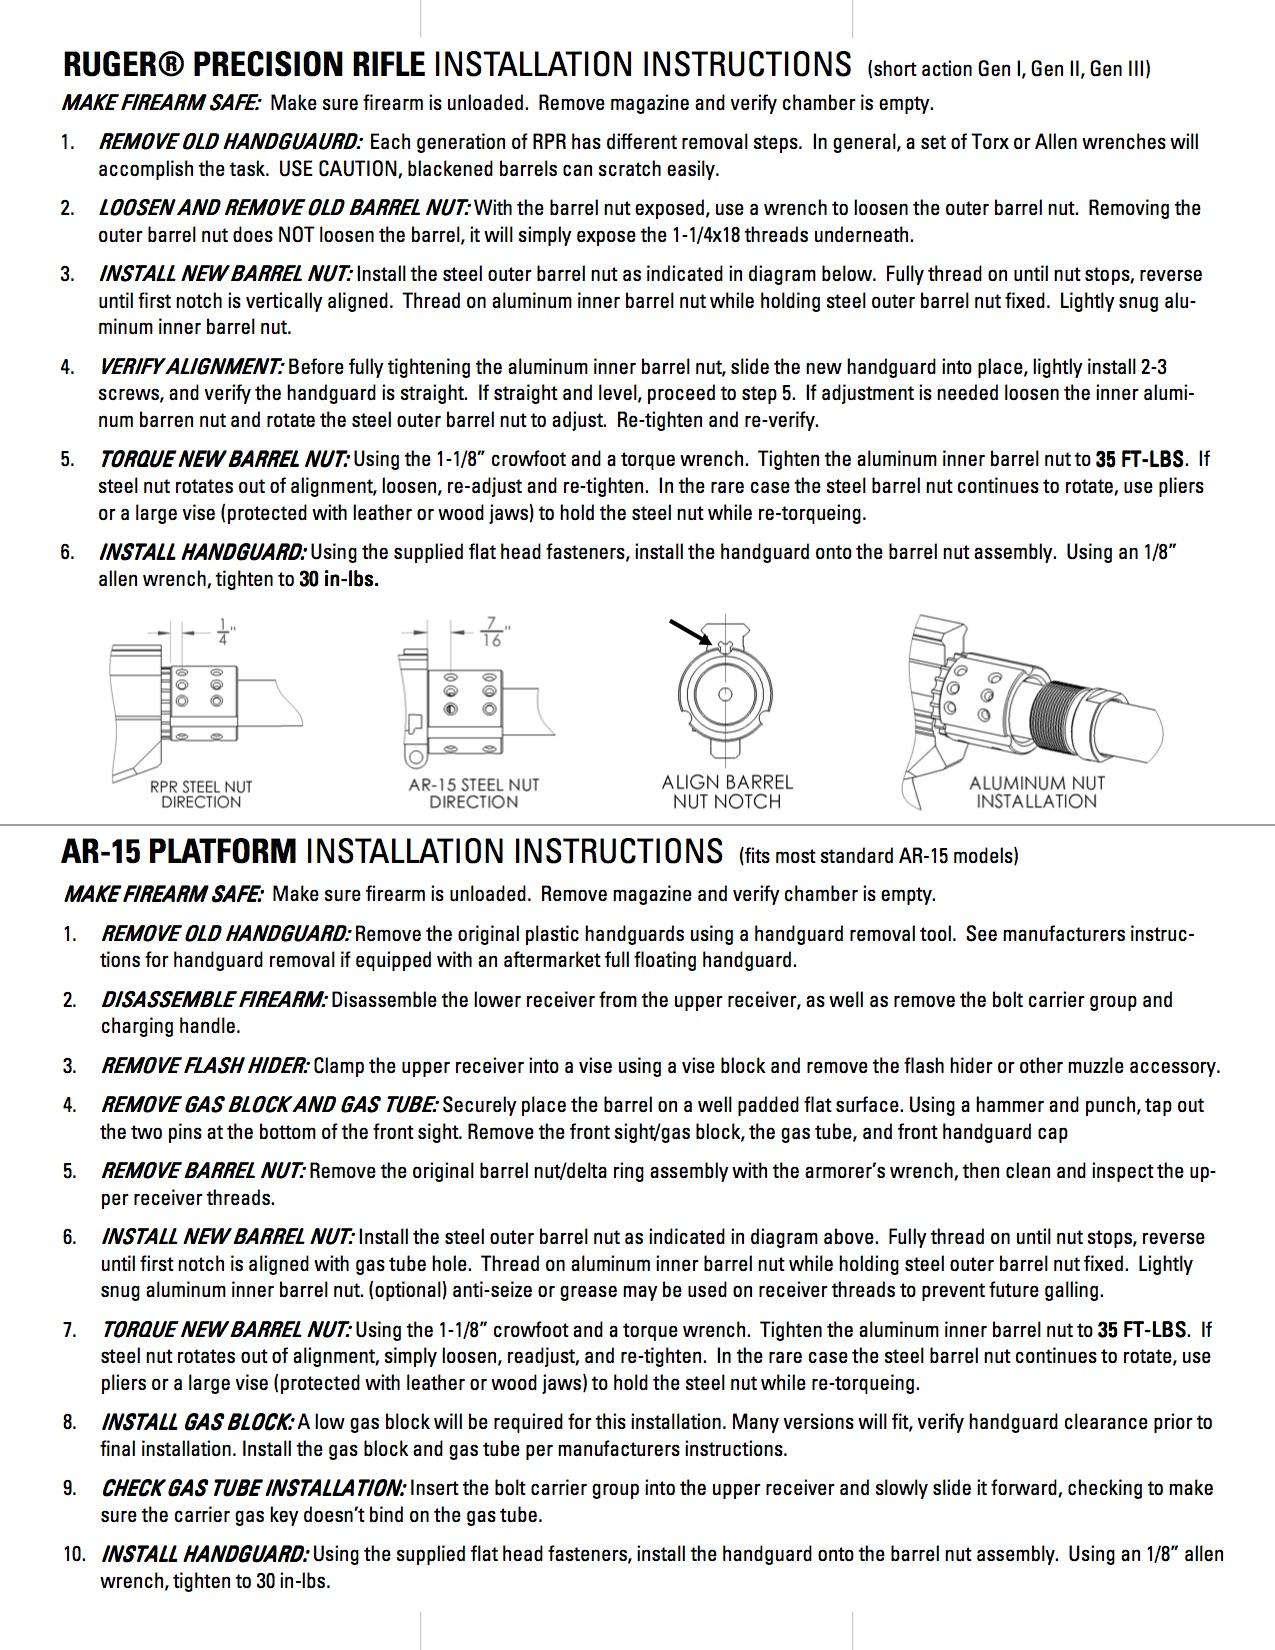 Handguard Installation2.jpg